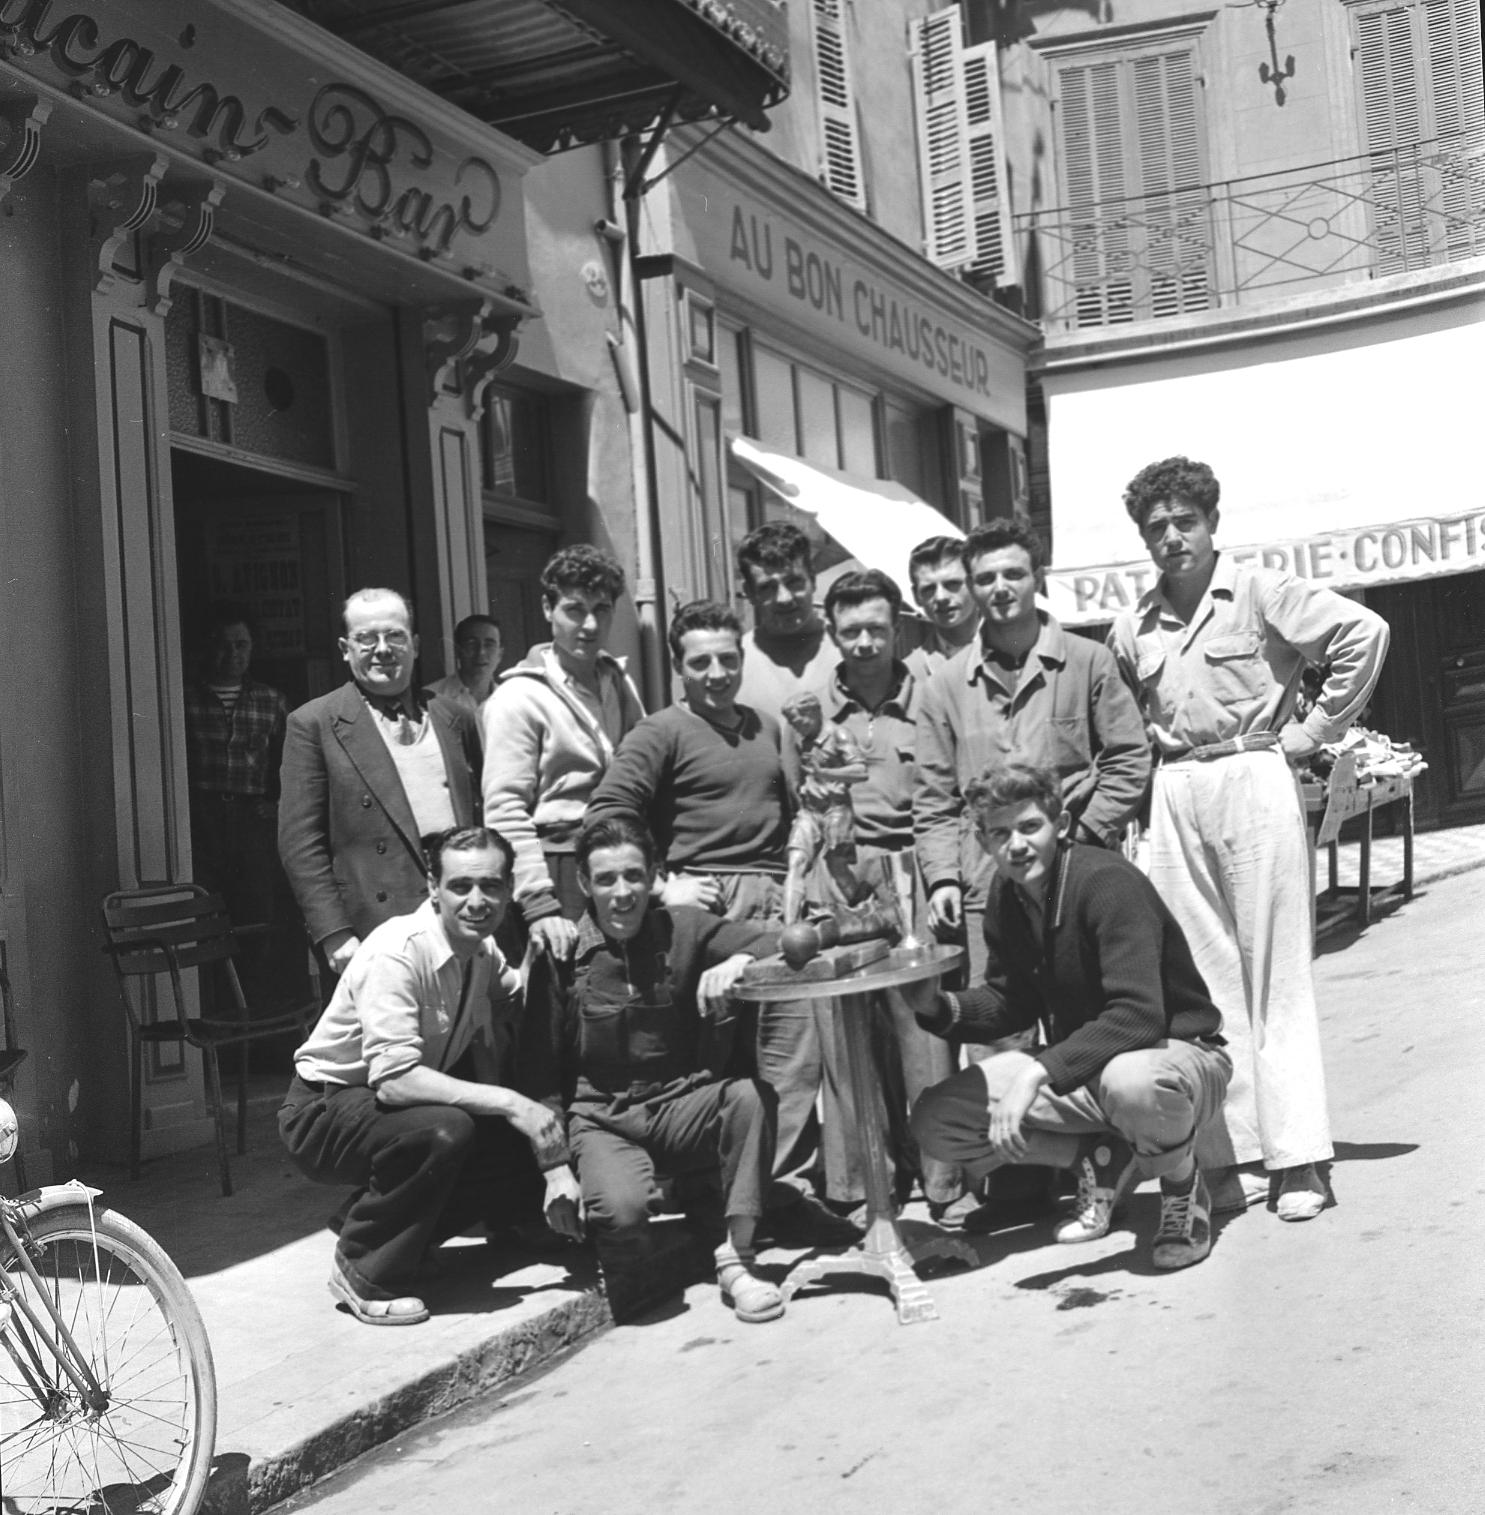 27Fi 1744 - Des footballeurs posant fièrement devant la coupe remportée lors du challenge de St Cyr/Mer, devant le bar américain nouvellement transformé en laverie. 7/05/1953